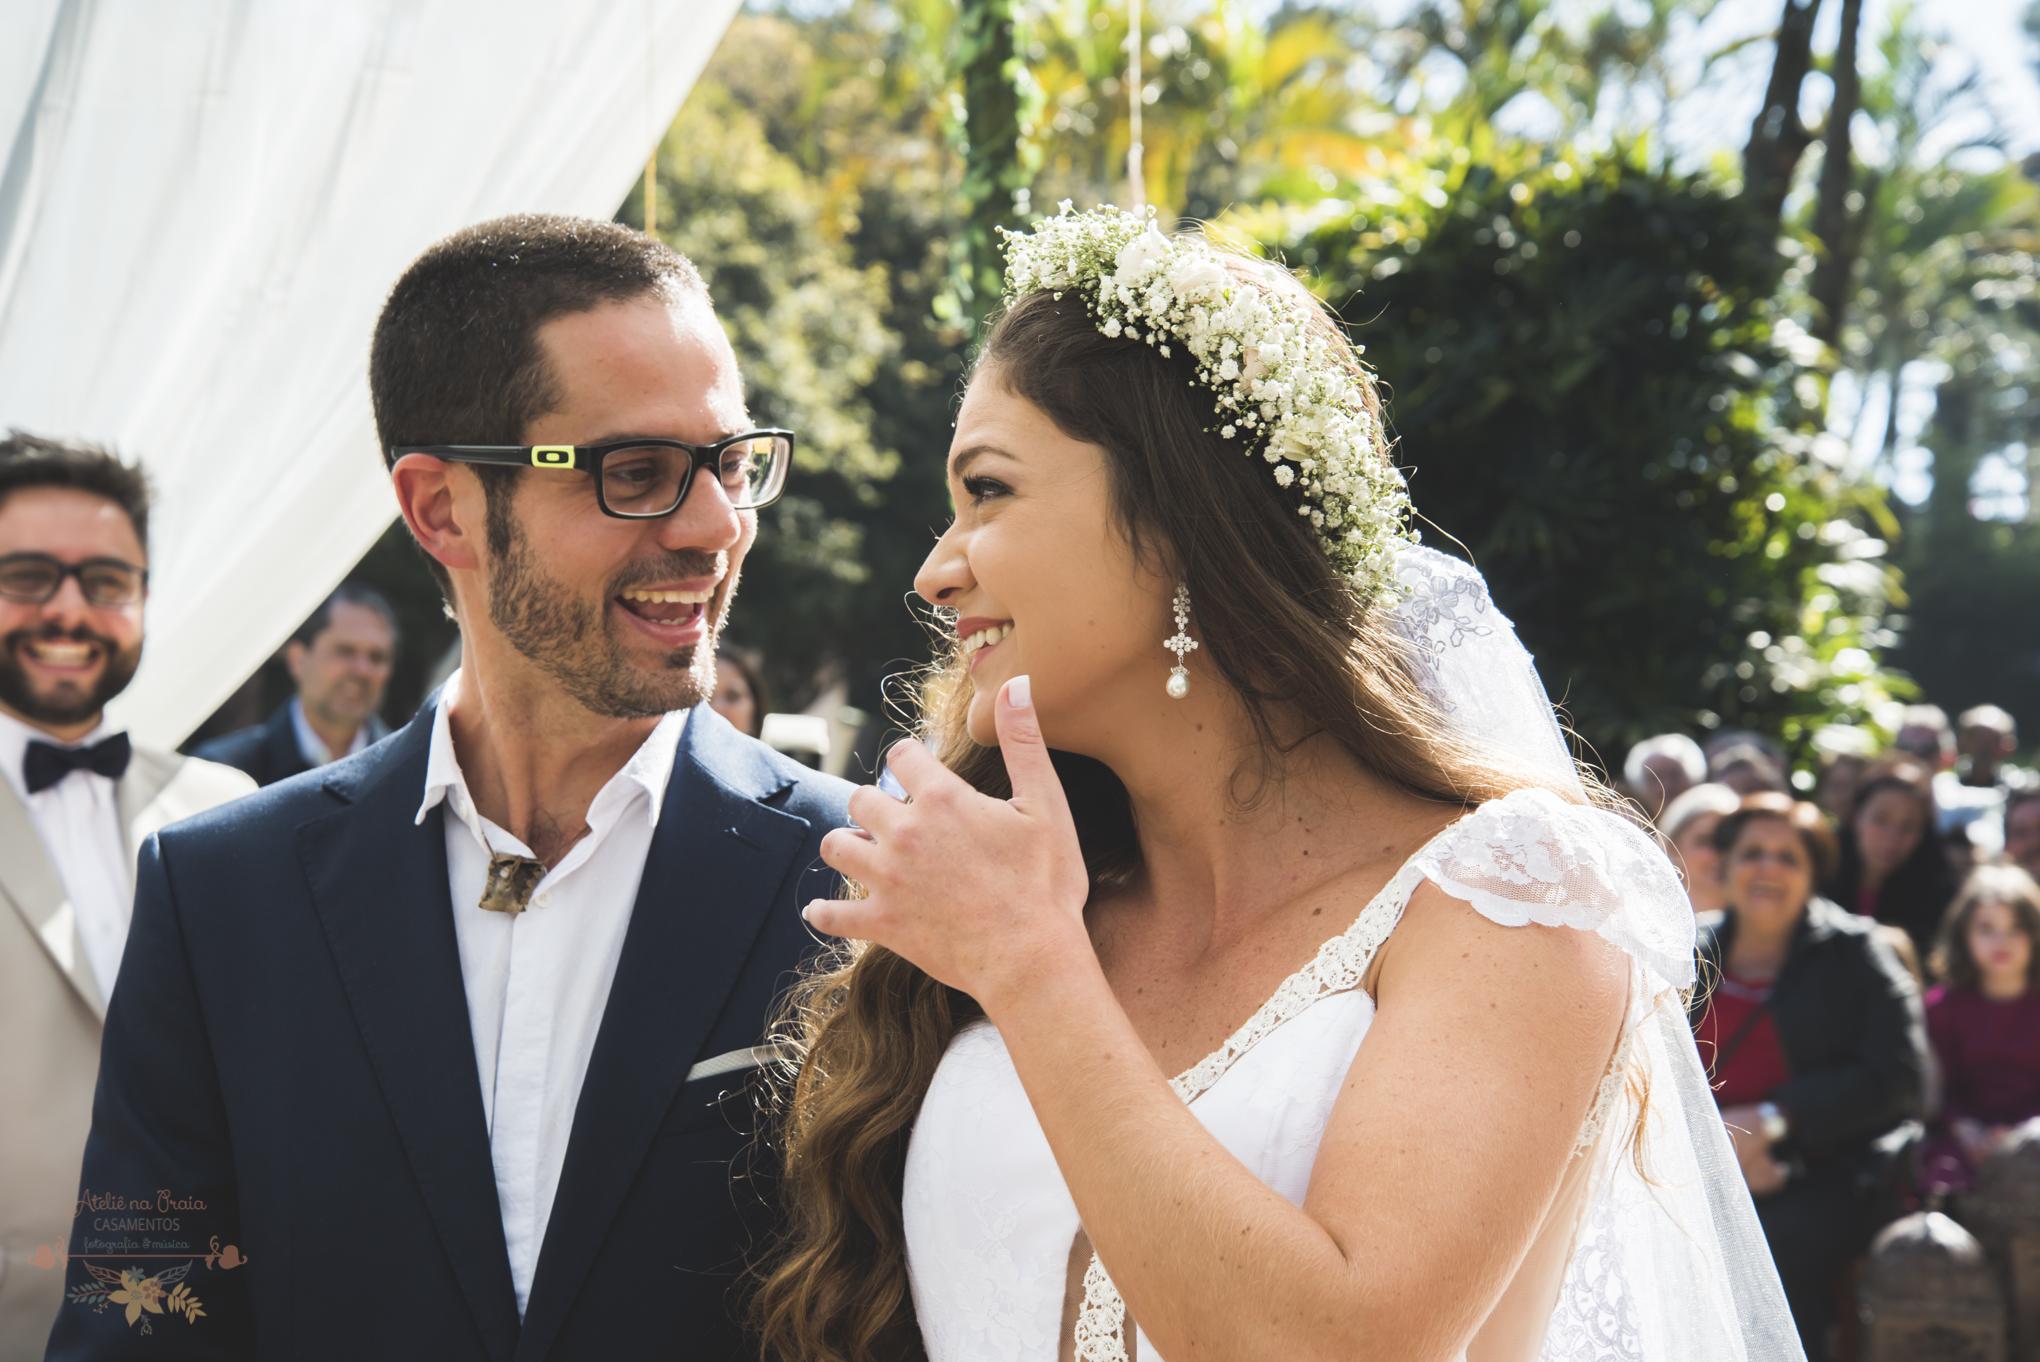 04-Cerimonia-Atelie-na-Praia-Nadine-Carlos-Casamento-5969